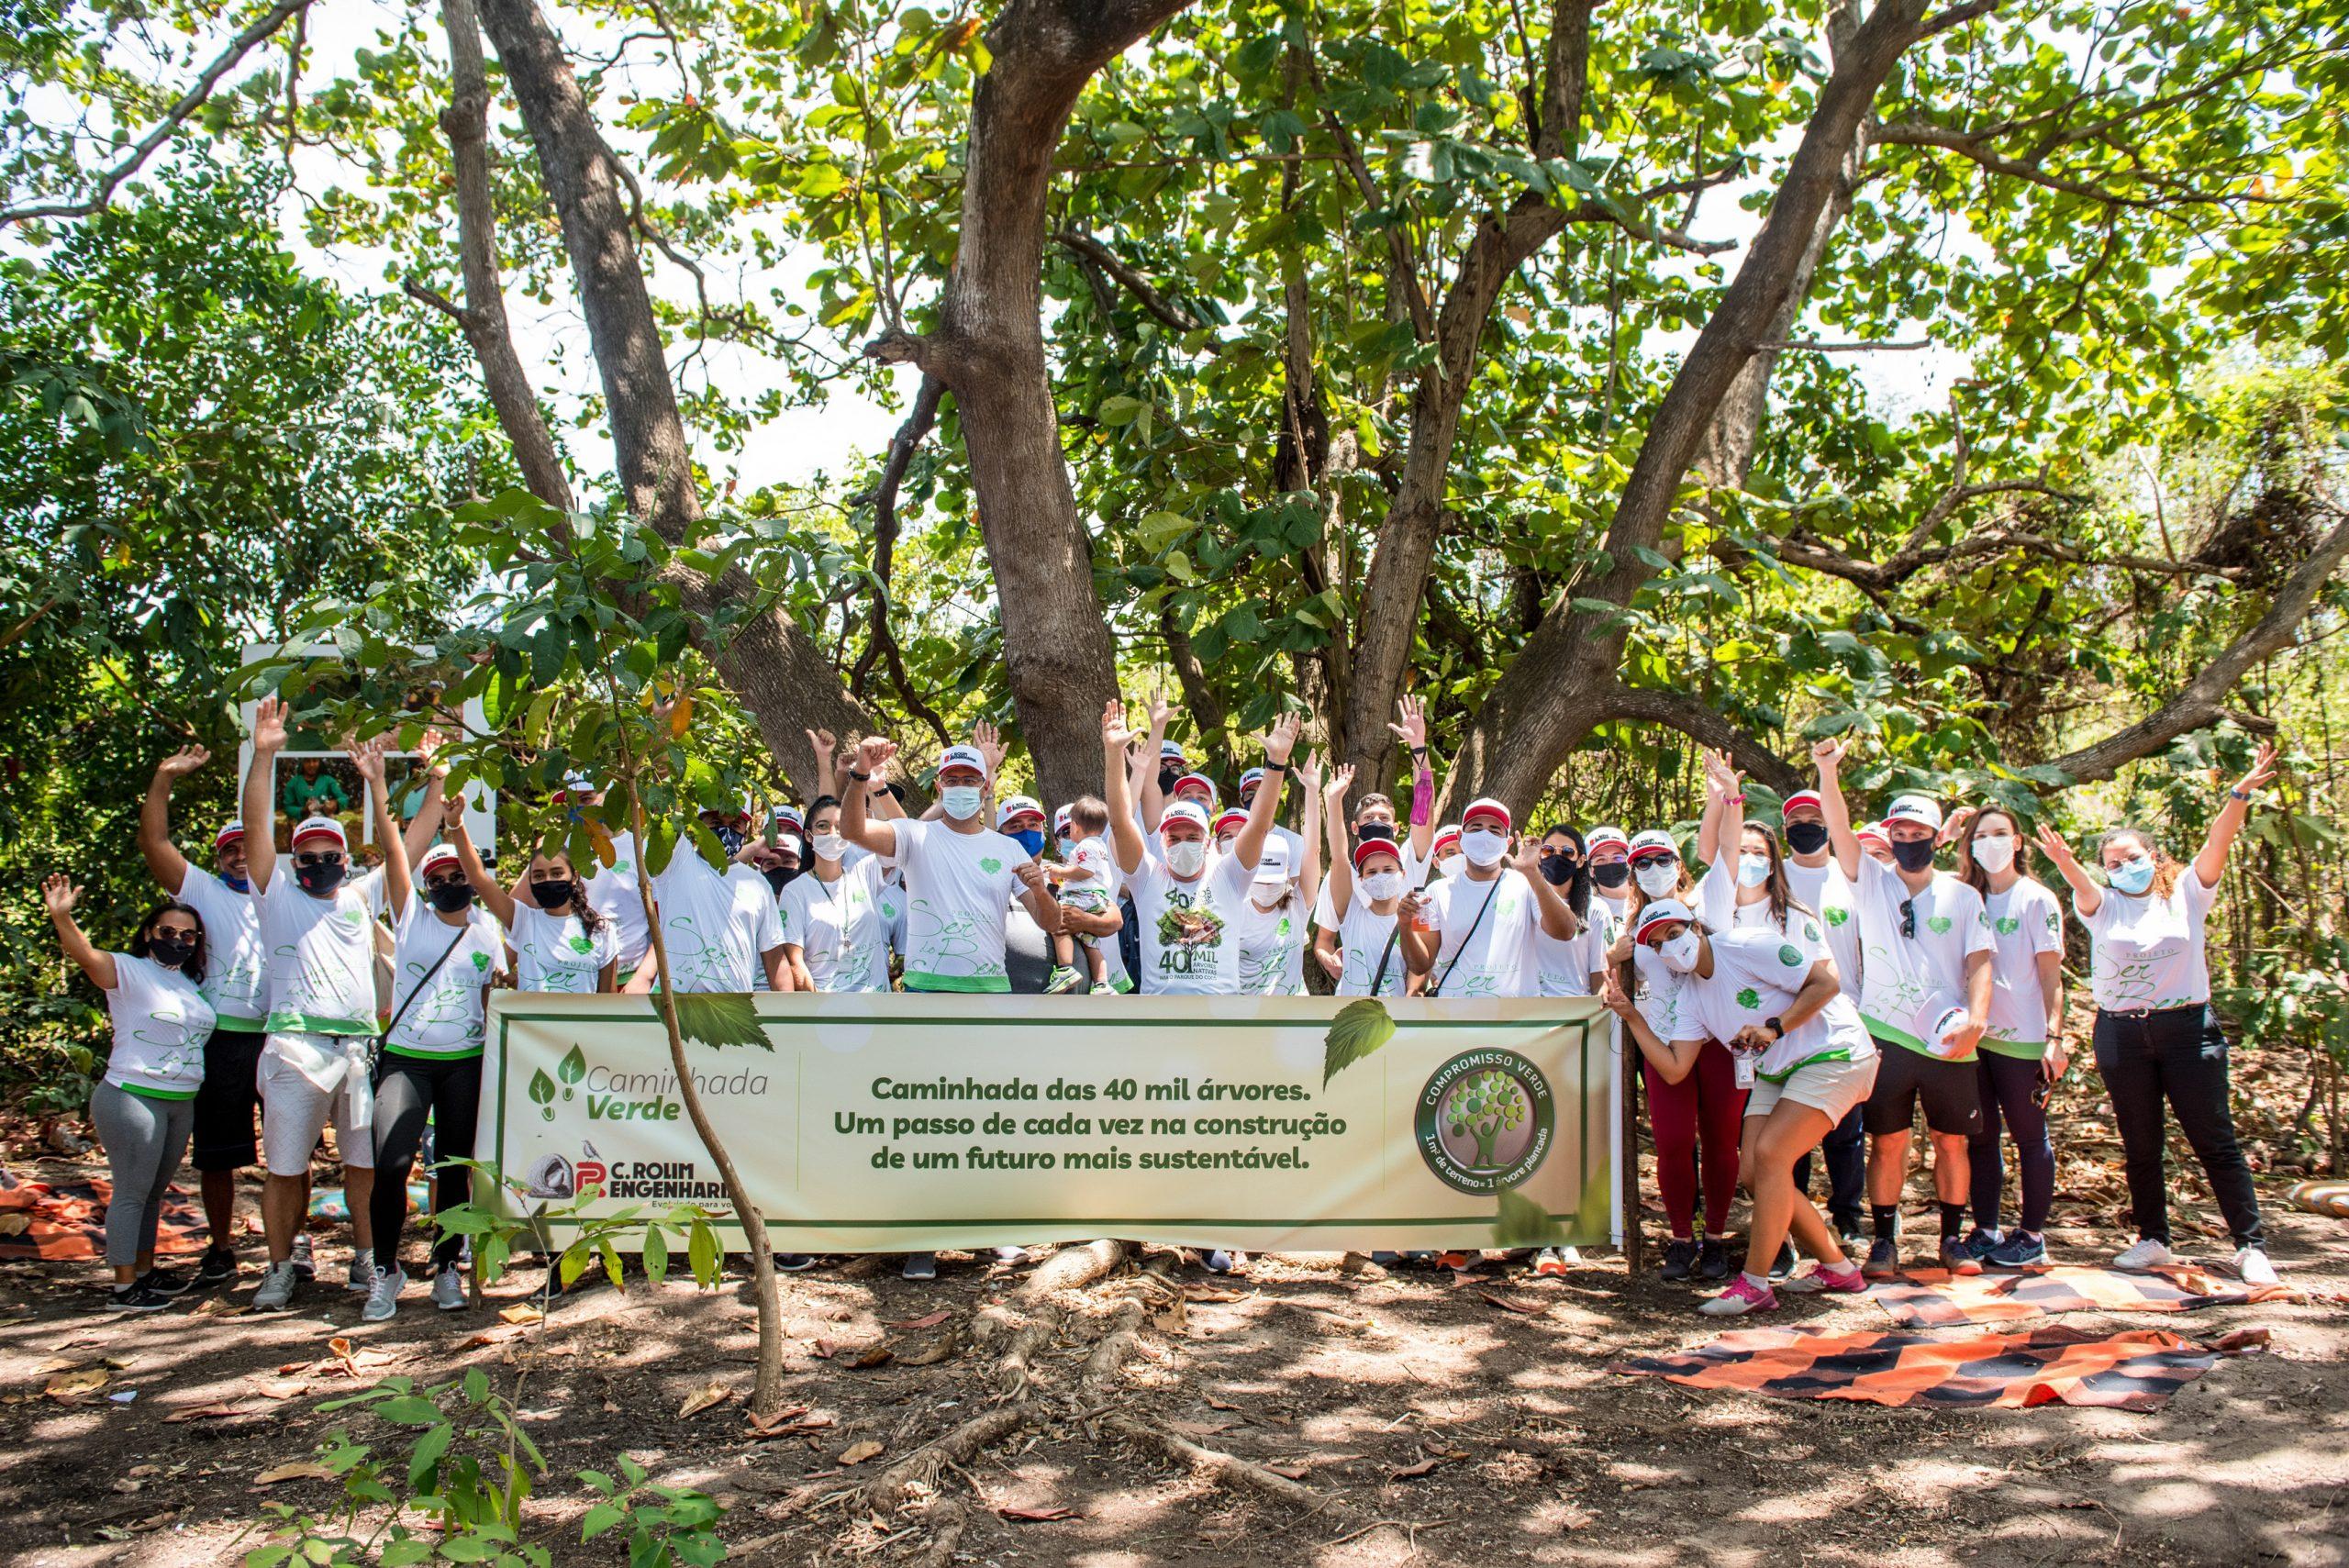 C. Rolim Engenharia realiza Caminhada Ecológica no Parque do Cocó